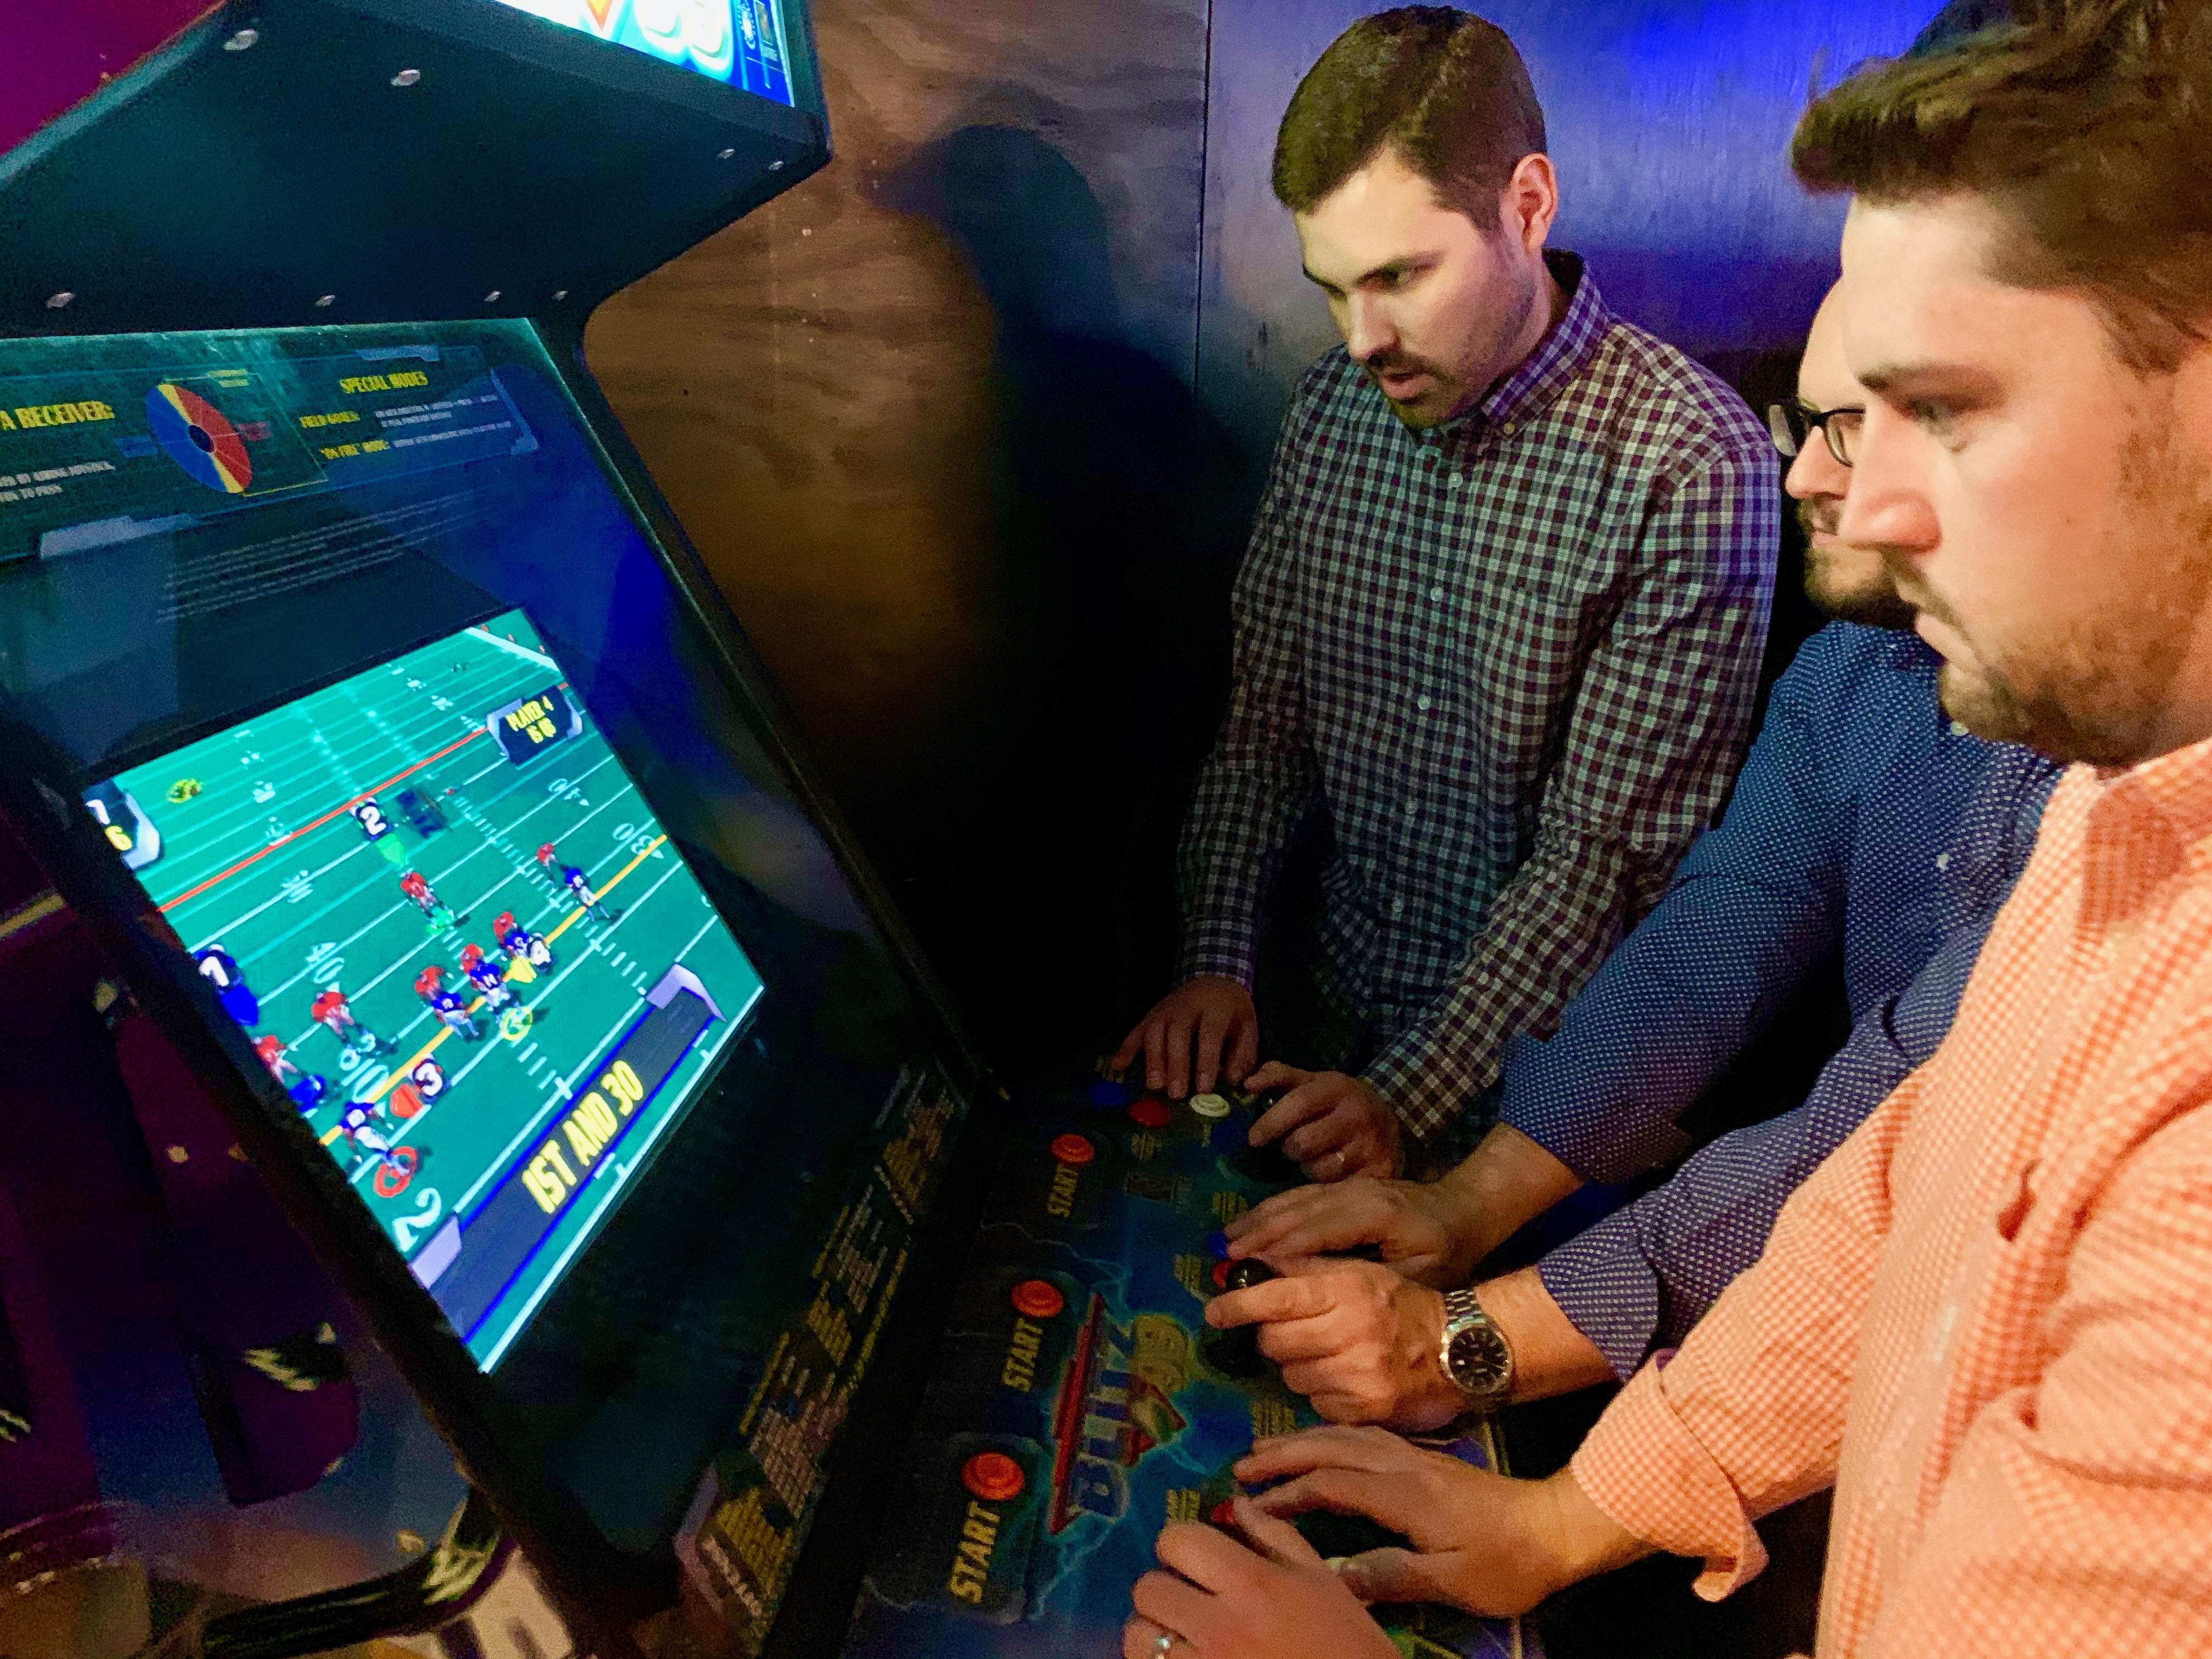 hot dudes at Up-Down Arcade bar minneapolis